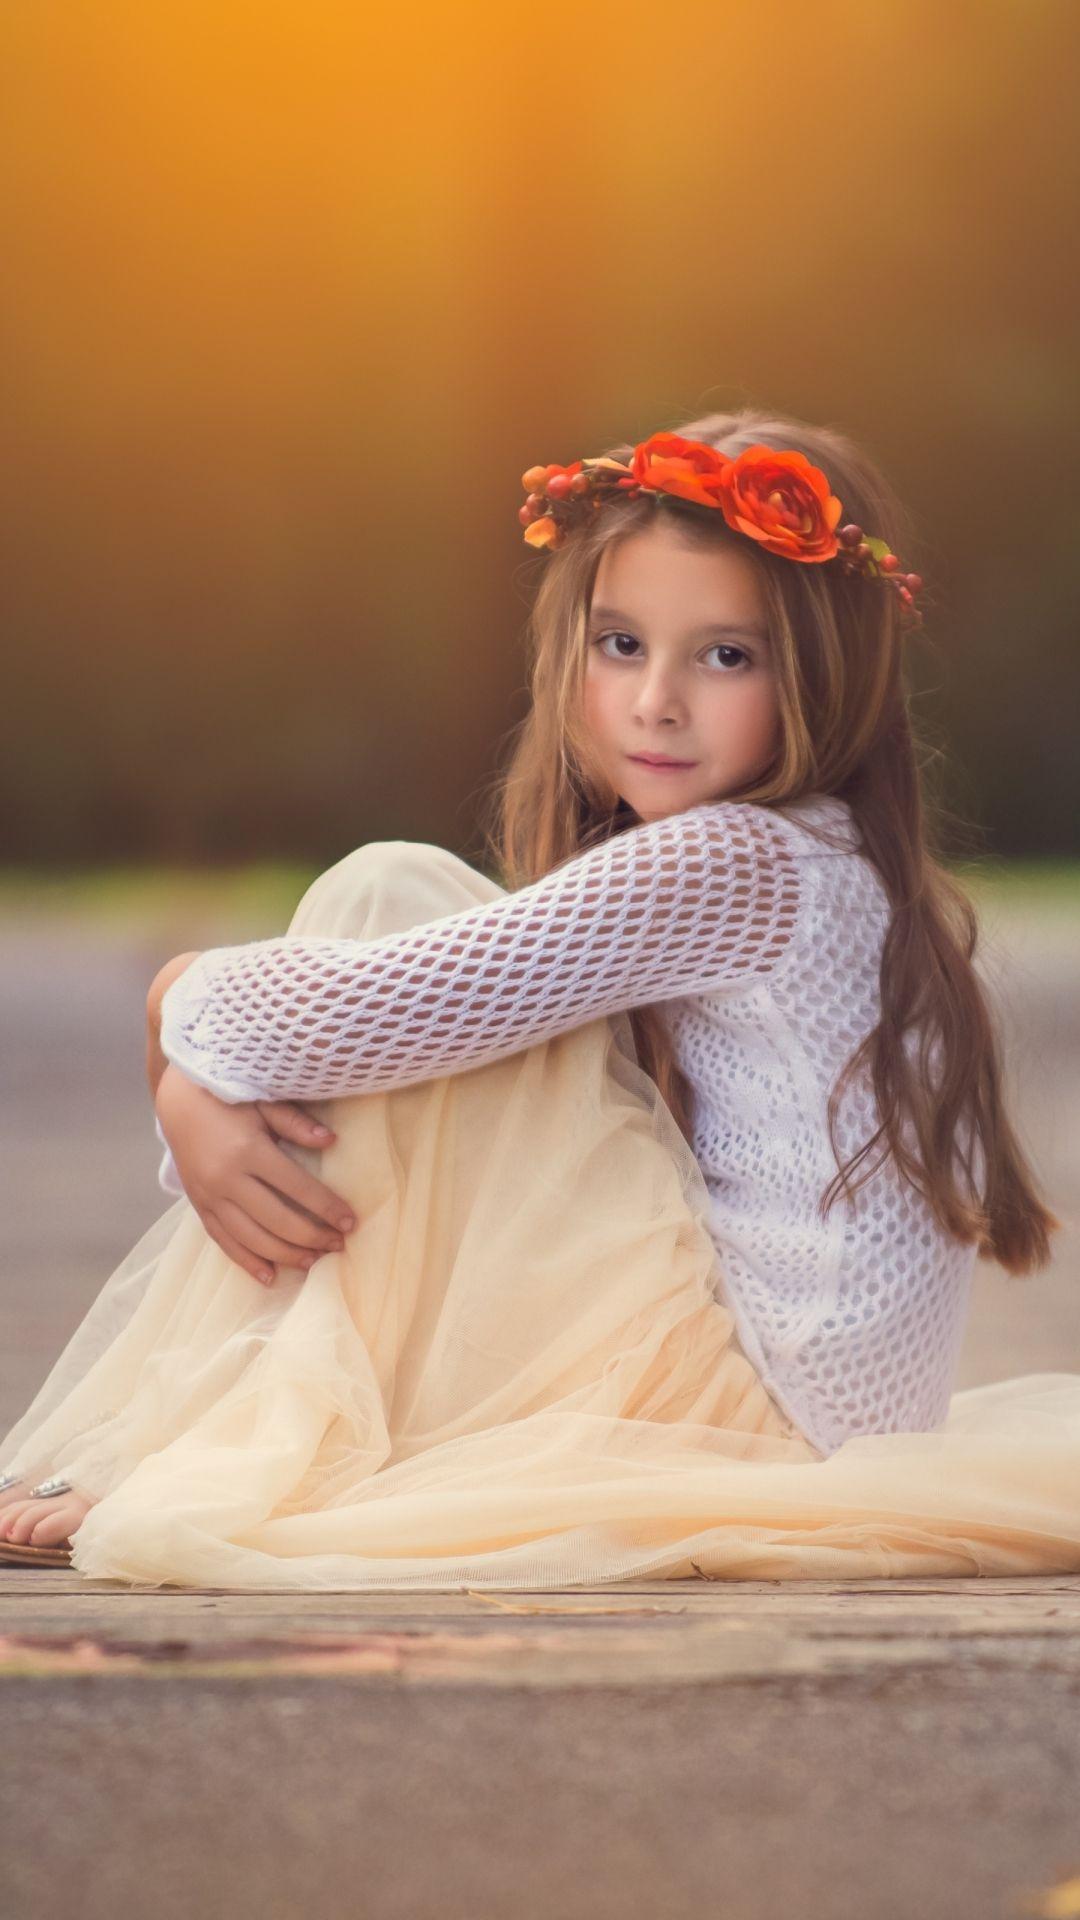 خلفيات ايفون بنات Hd Tecnologis Baby Girl Wallpaper Cute Baby Girl Wallpaper Cute Girl Wallpaper